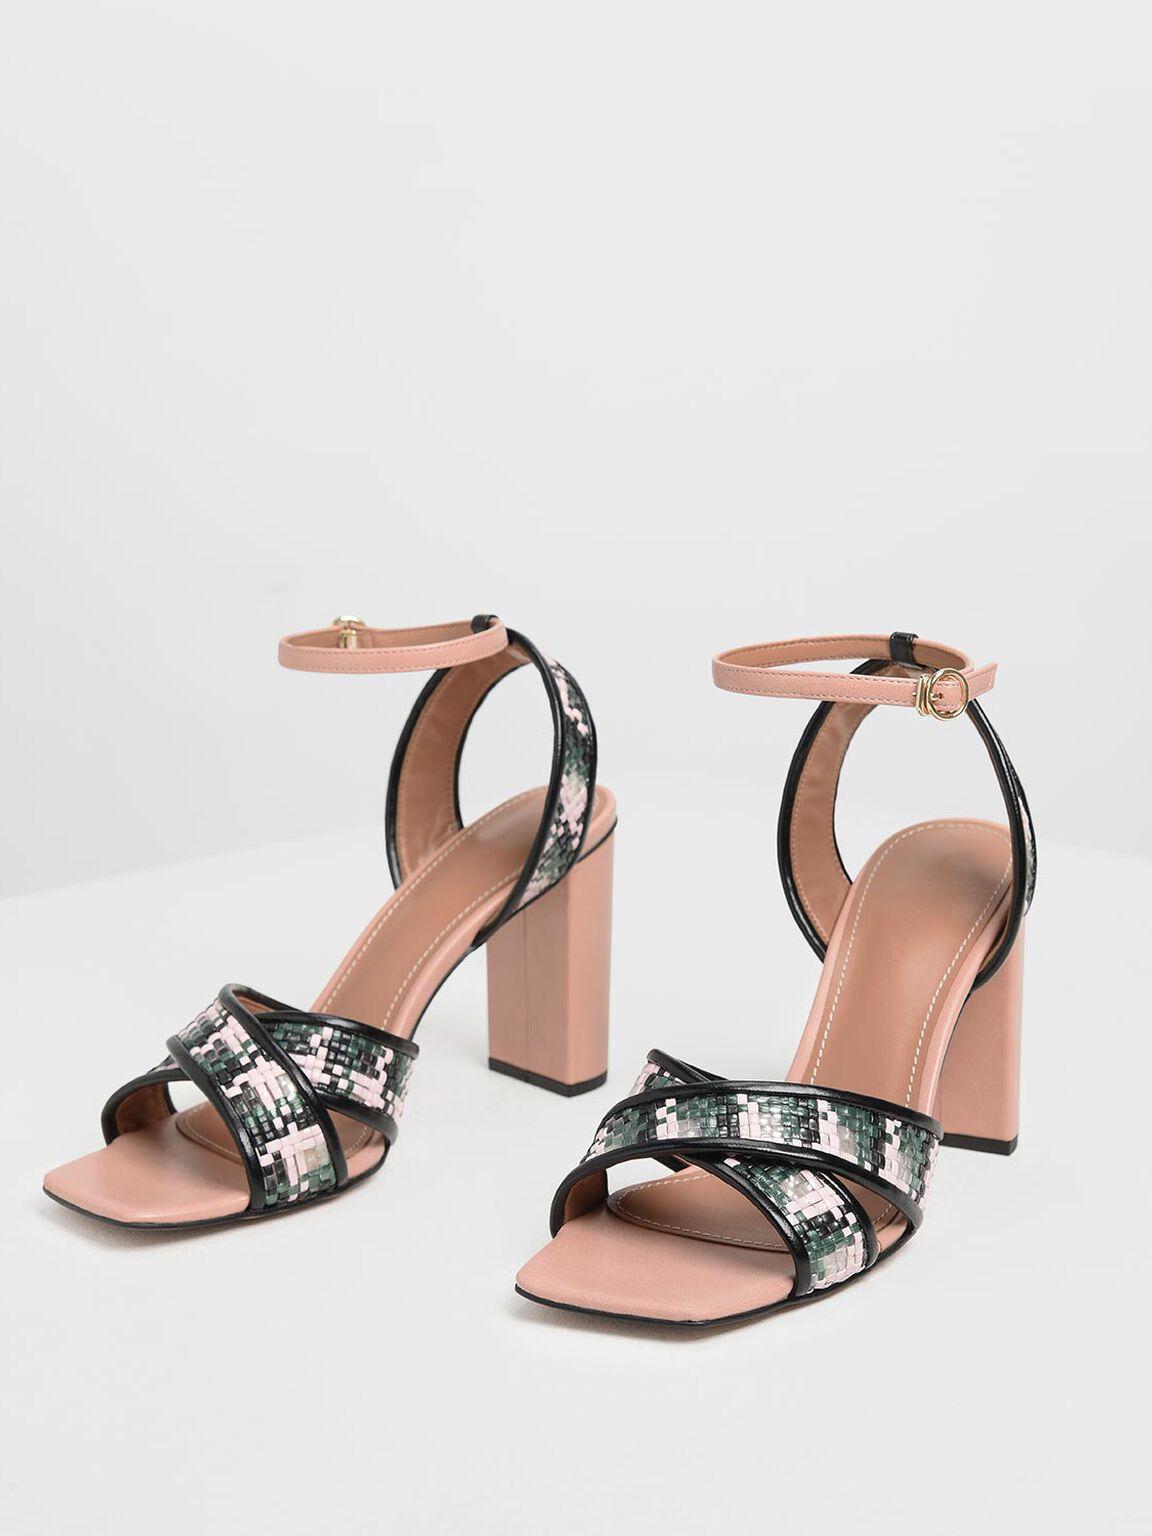 編織交叉帶涼鞋, 嫩粉色, hi-res